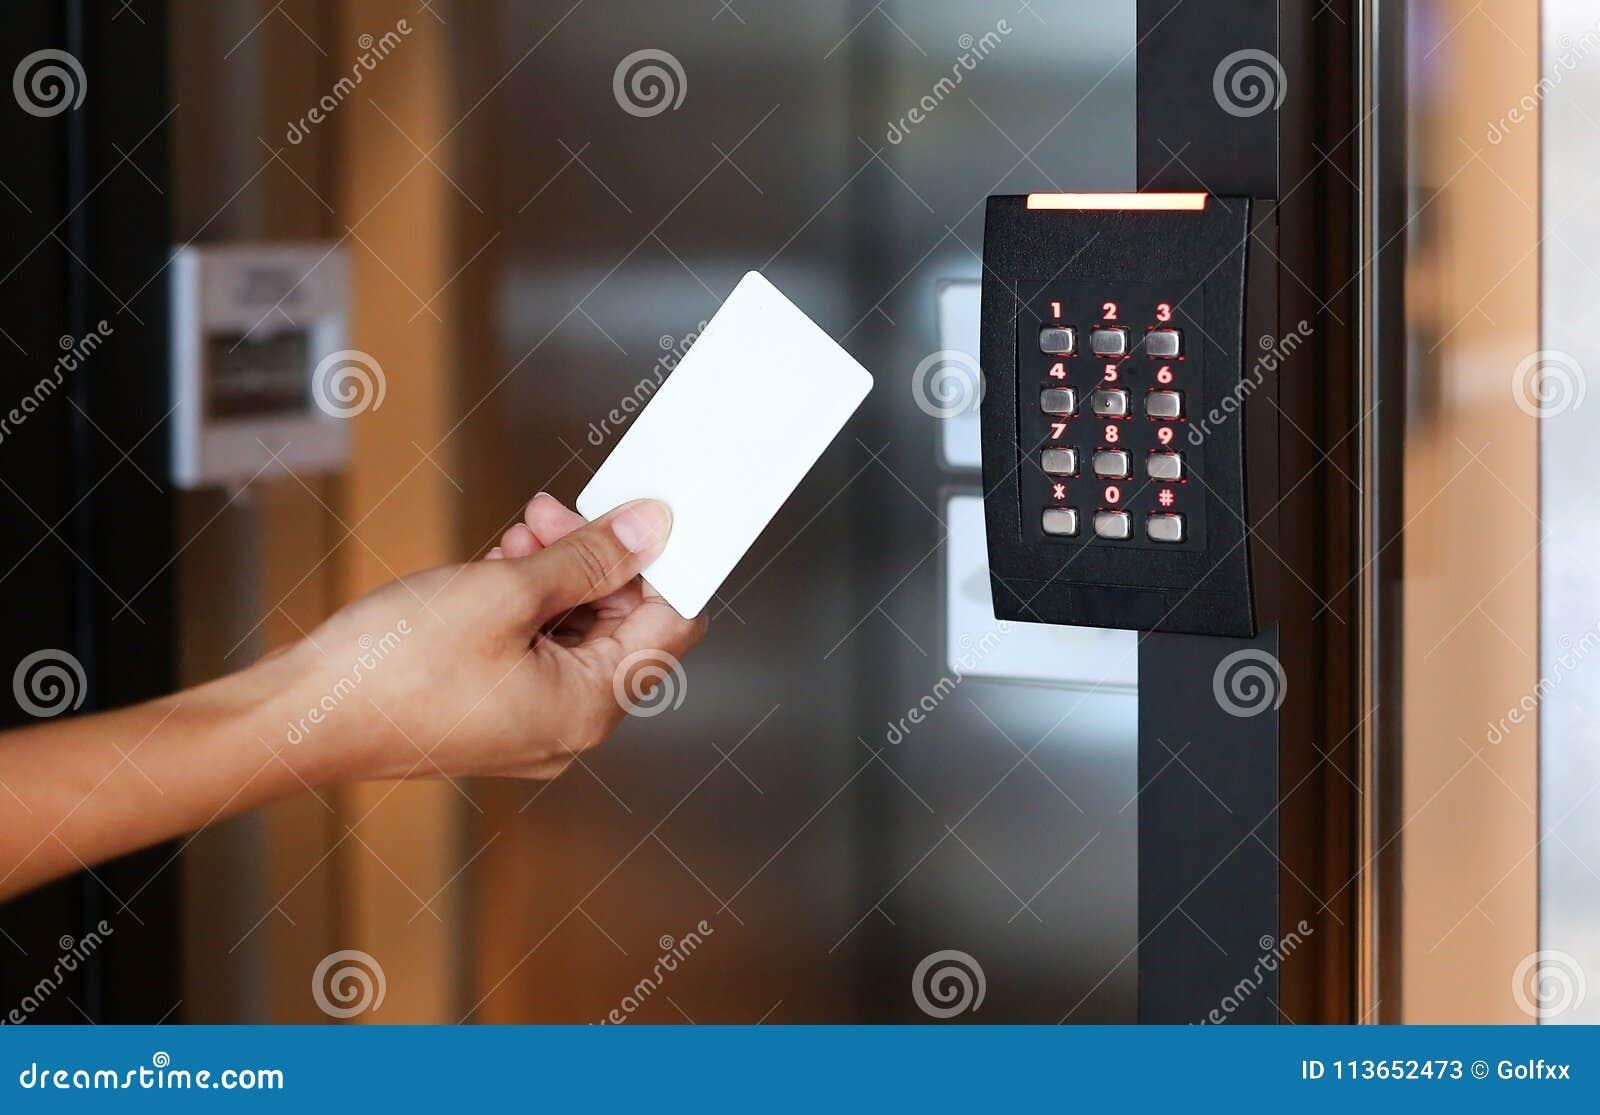 Ung kvinna som rymmer ett nyckel- kort för att låsa och låsa dörren upp